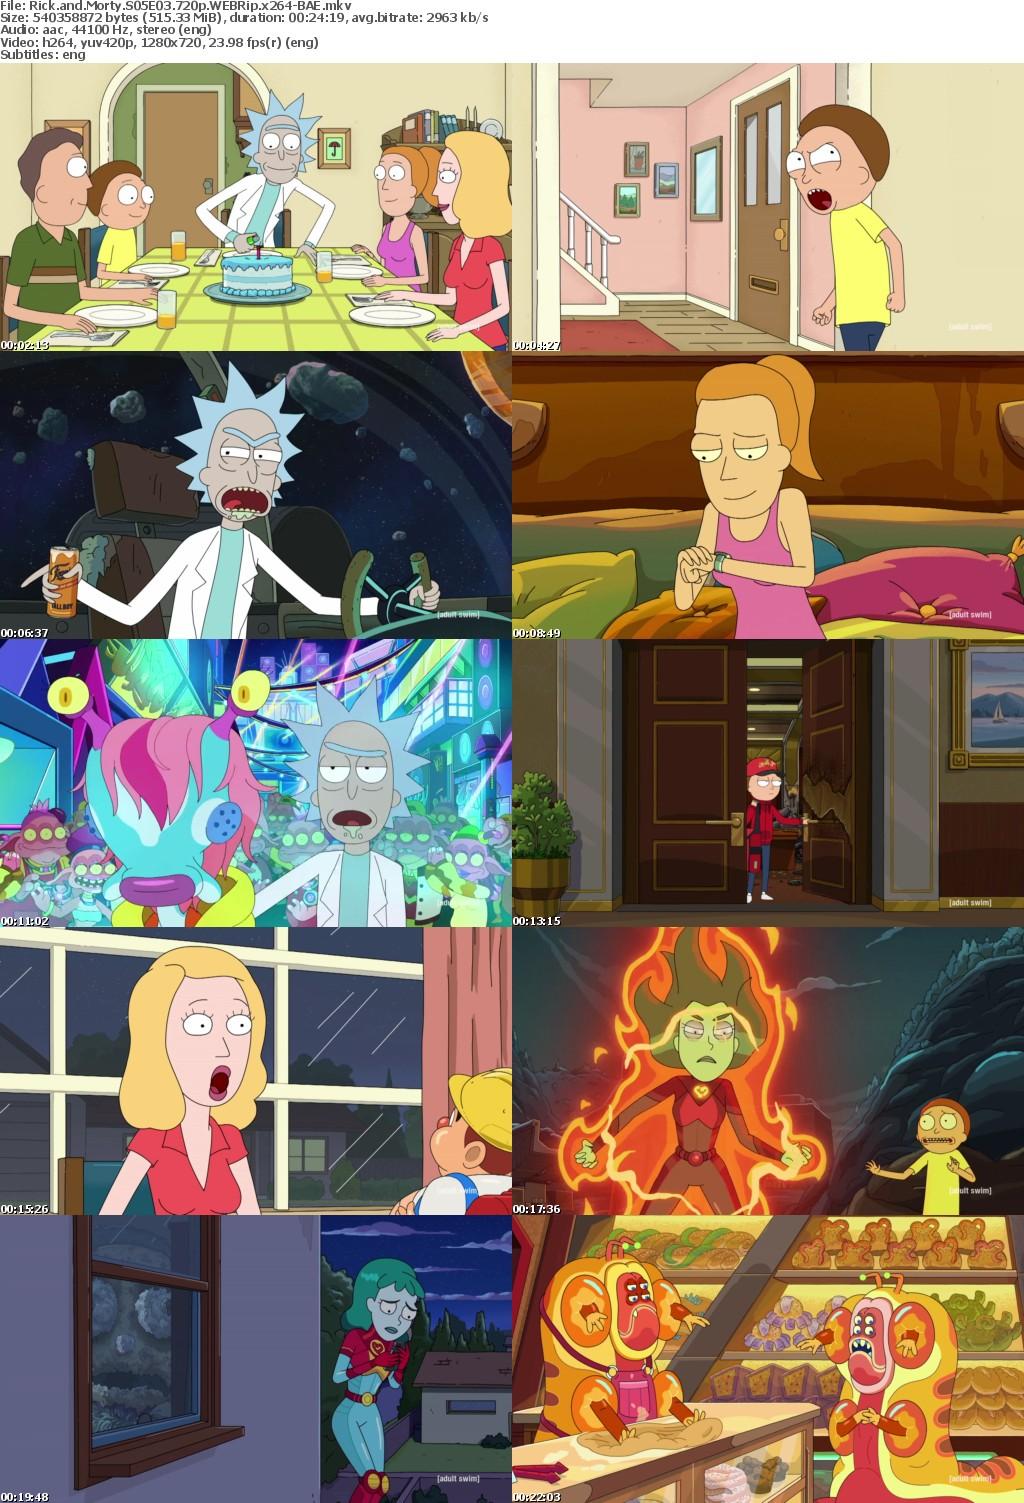 Rick and Morty S05E03 720p WEBRip x264-BAE